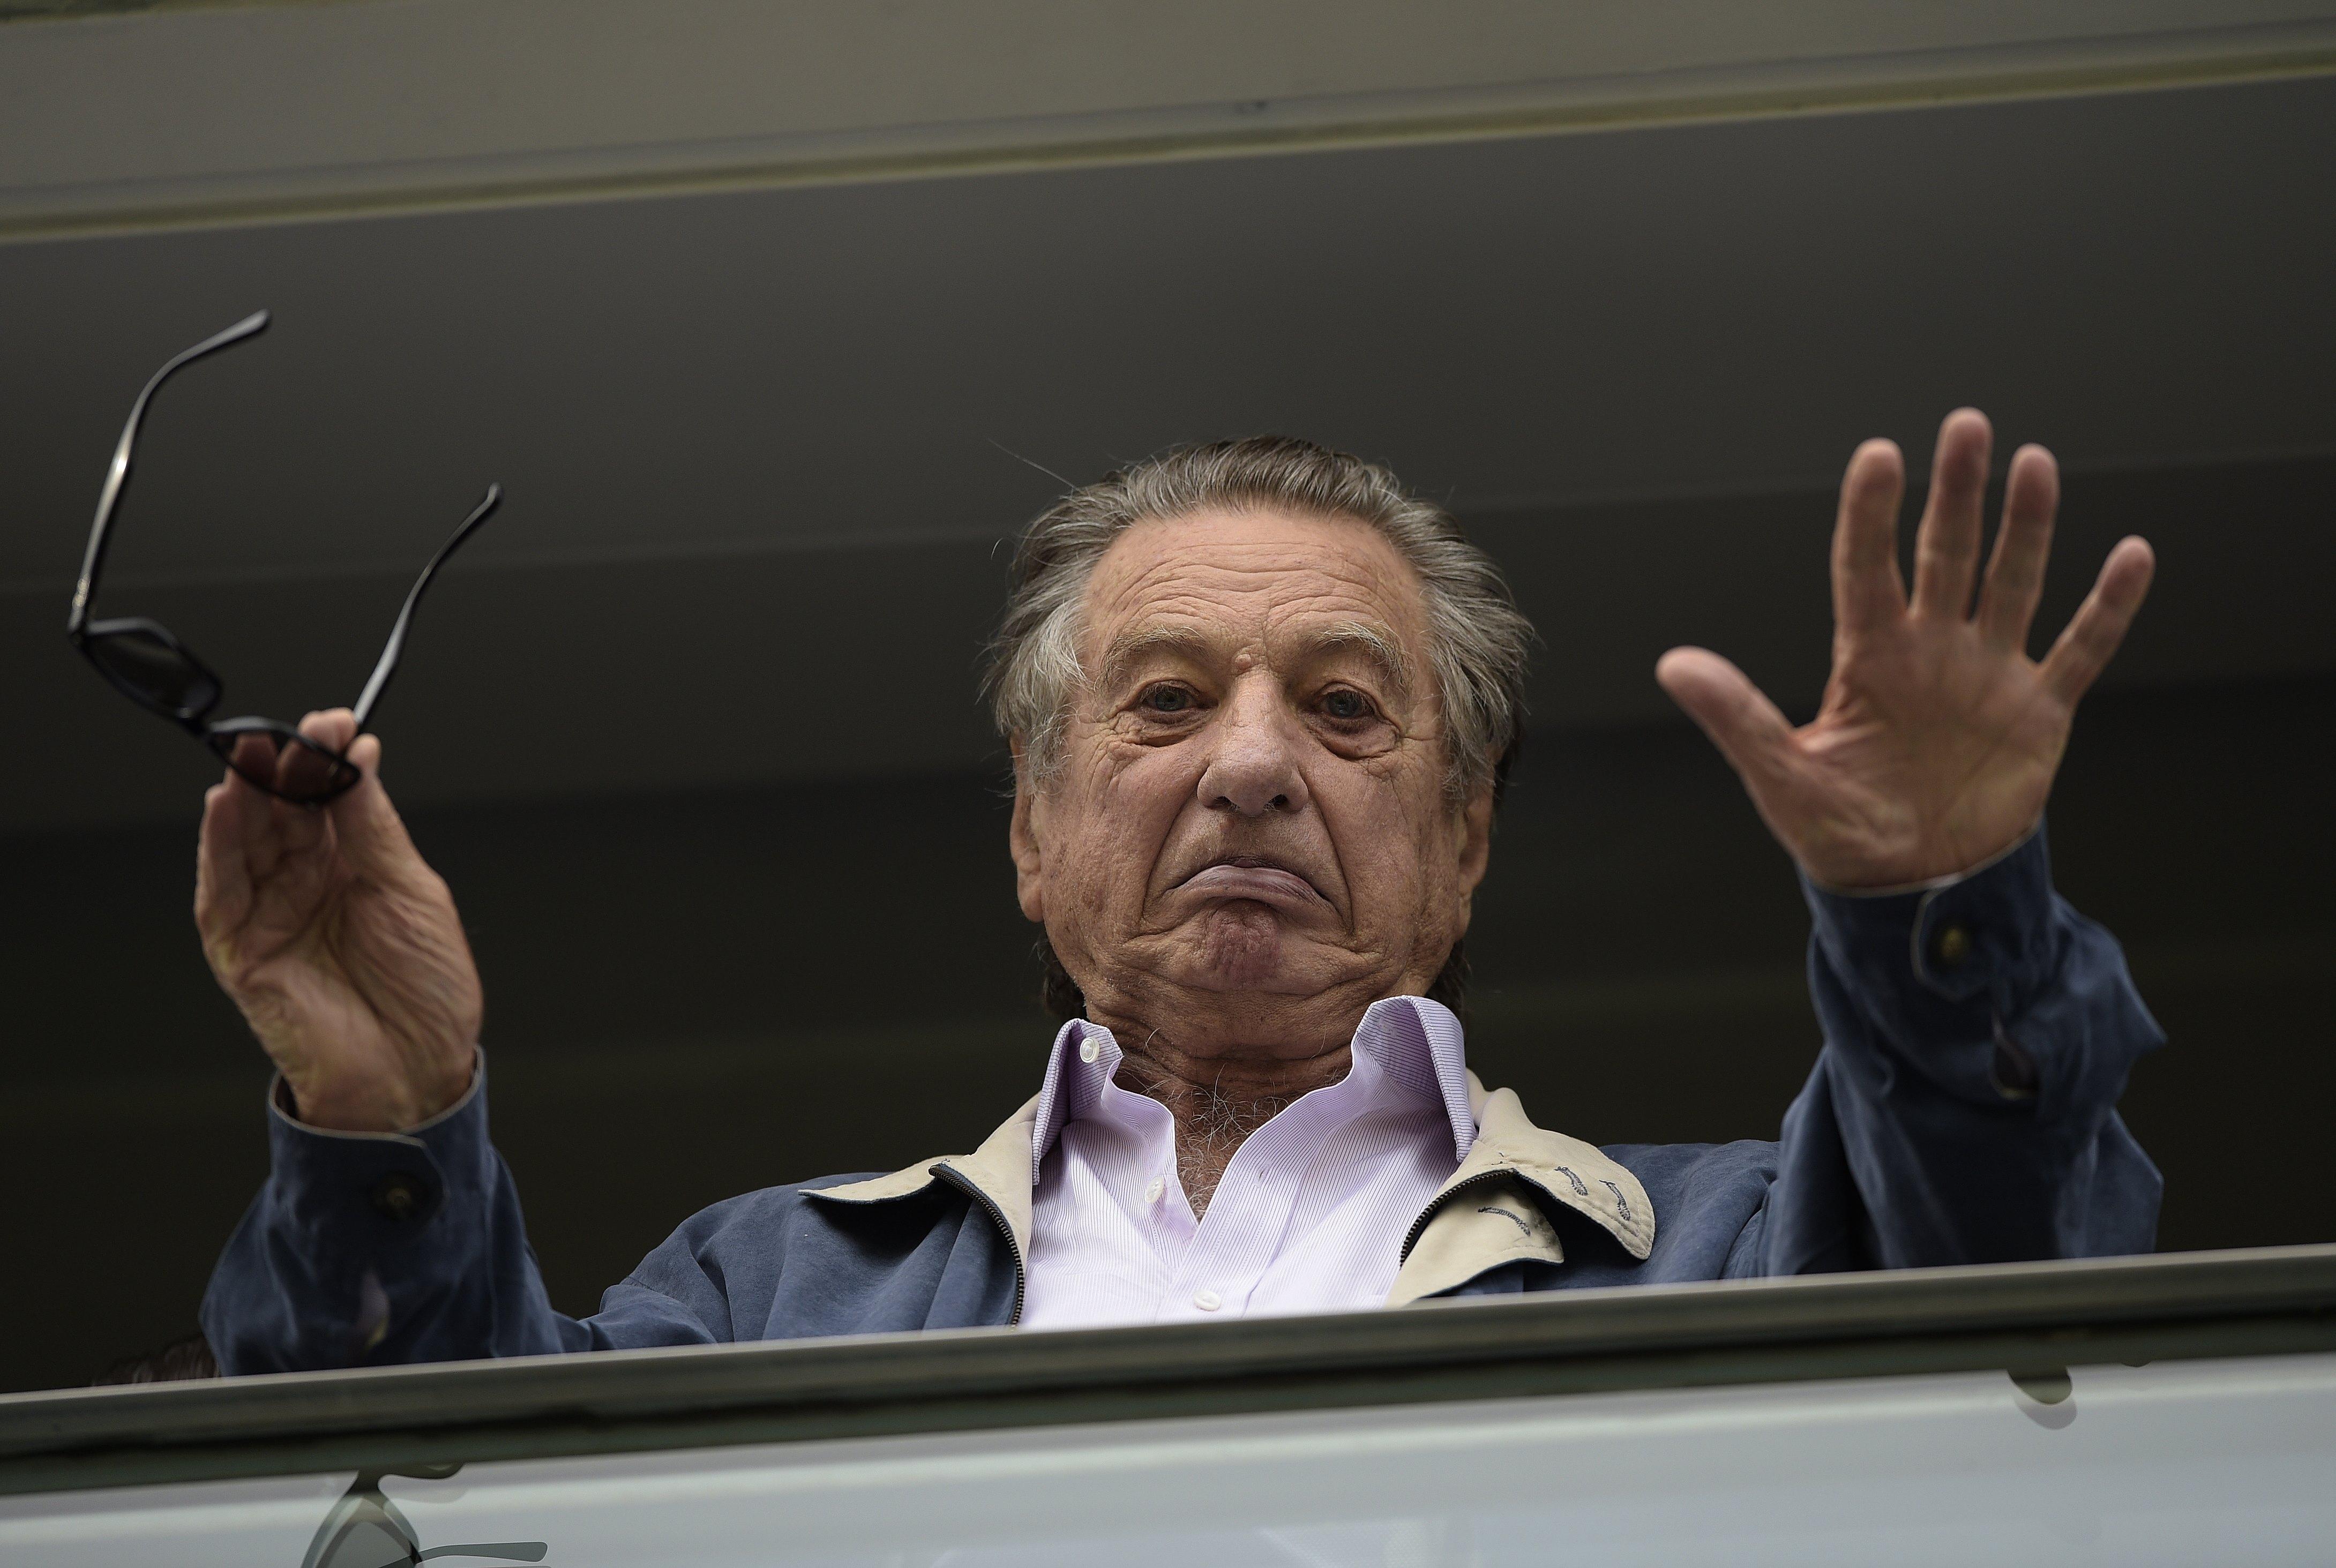 Franco Macri, padre del presidente de Argentina Mauricio Macri, a los 88 años de edad. (Foto Prensa Libre: AFP)